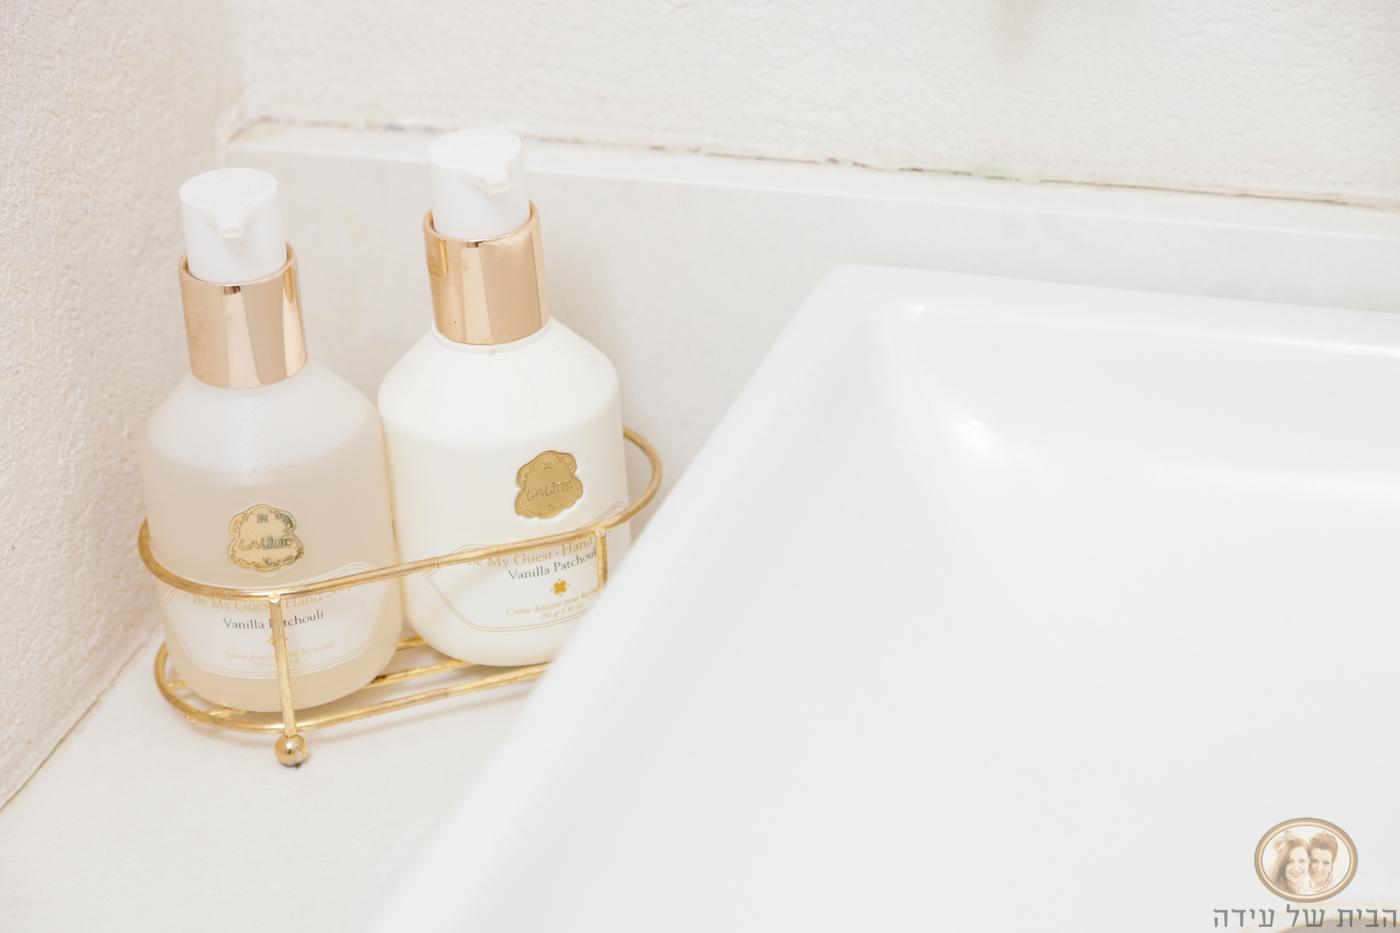 פריטים מוזהבים לאמבטיה